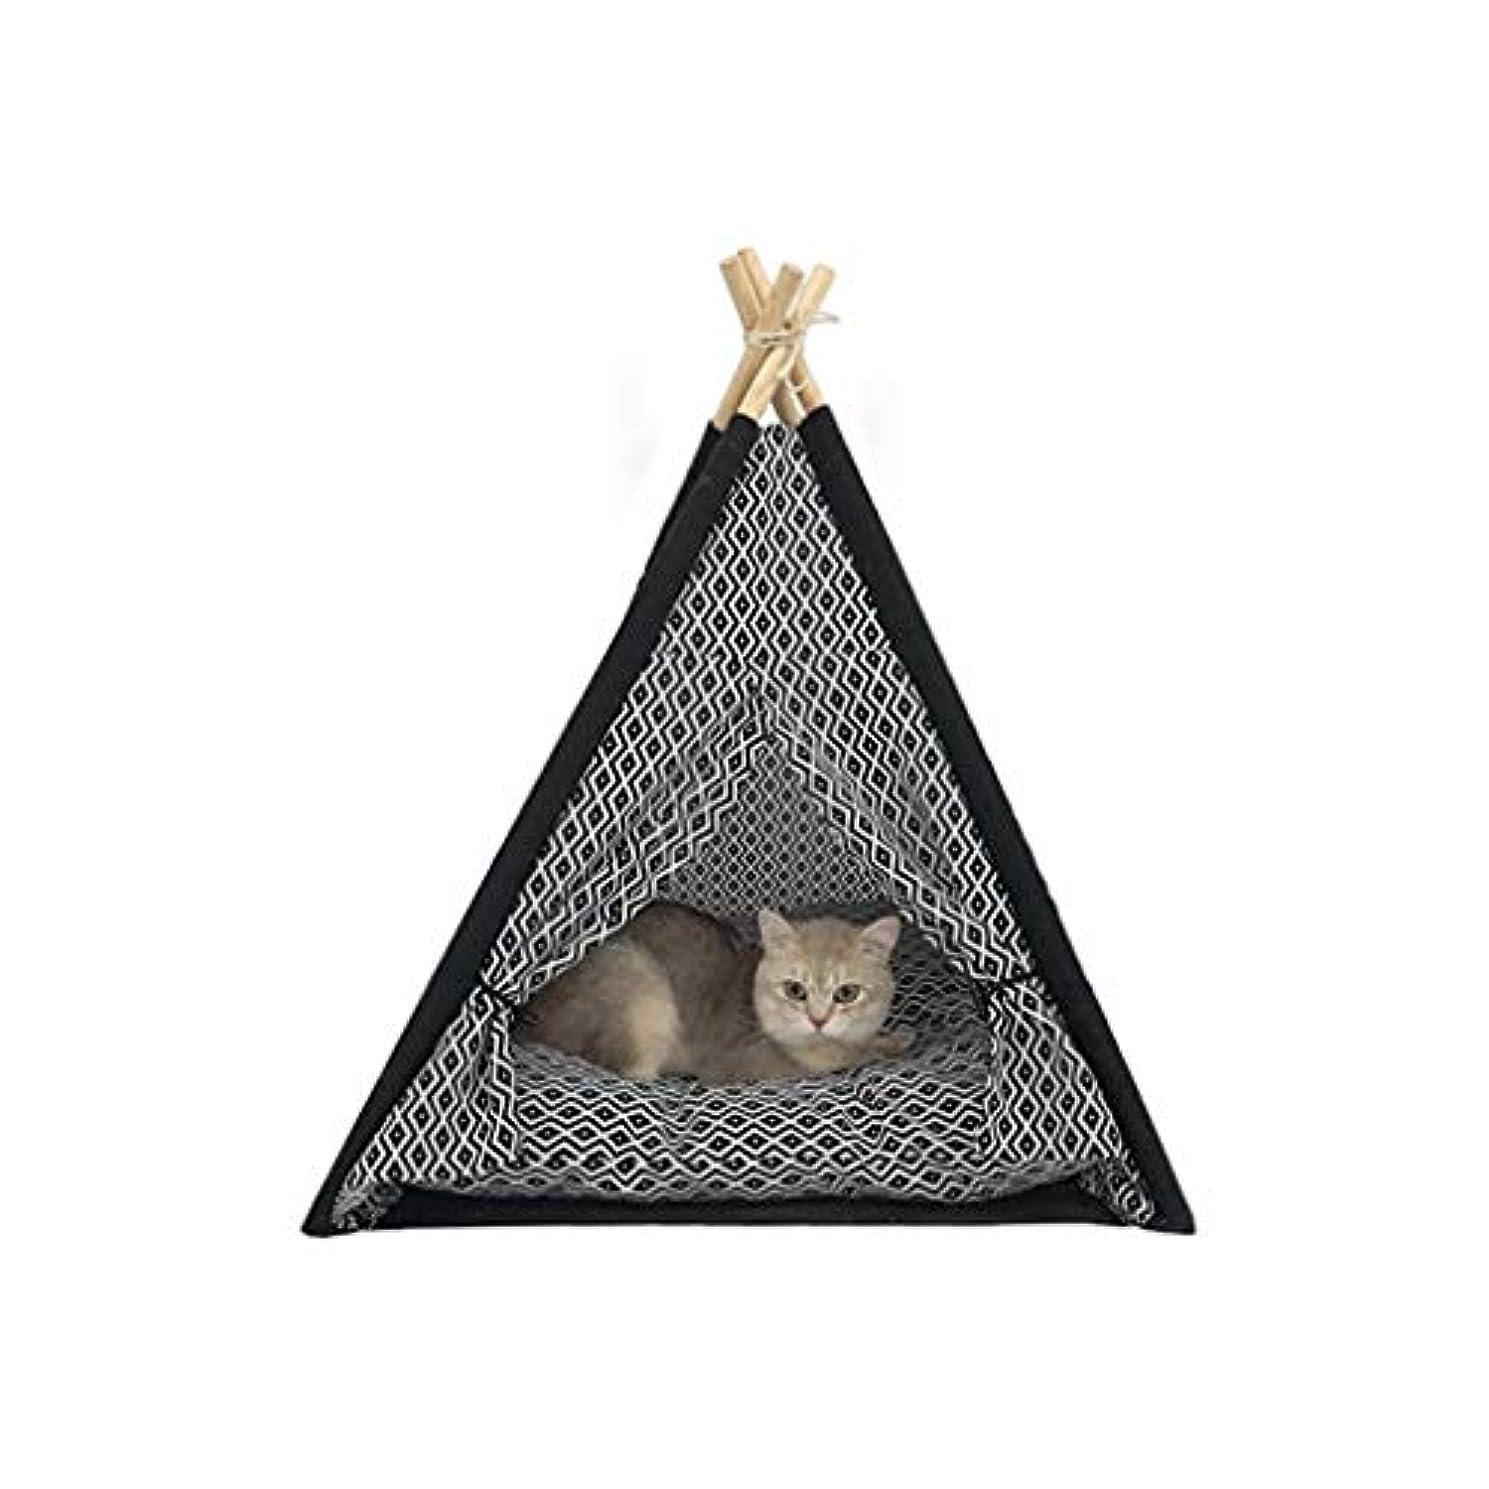 文字路地お手伝いさんZCWYP 犬のための携帯用ペットティーピーのテント、床のマットが付いている洗濯できるキャンバス材料